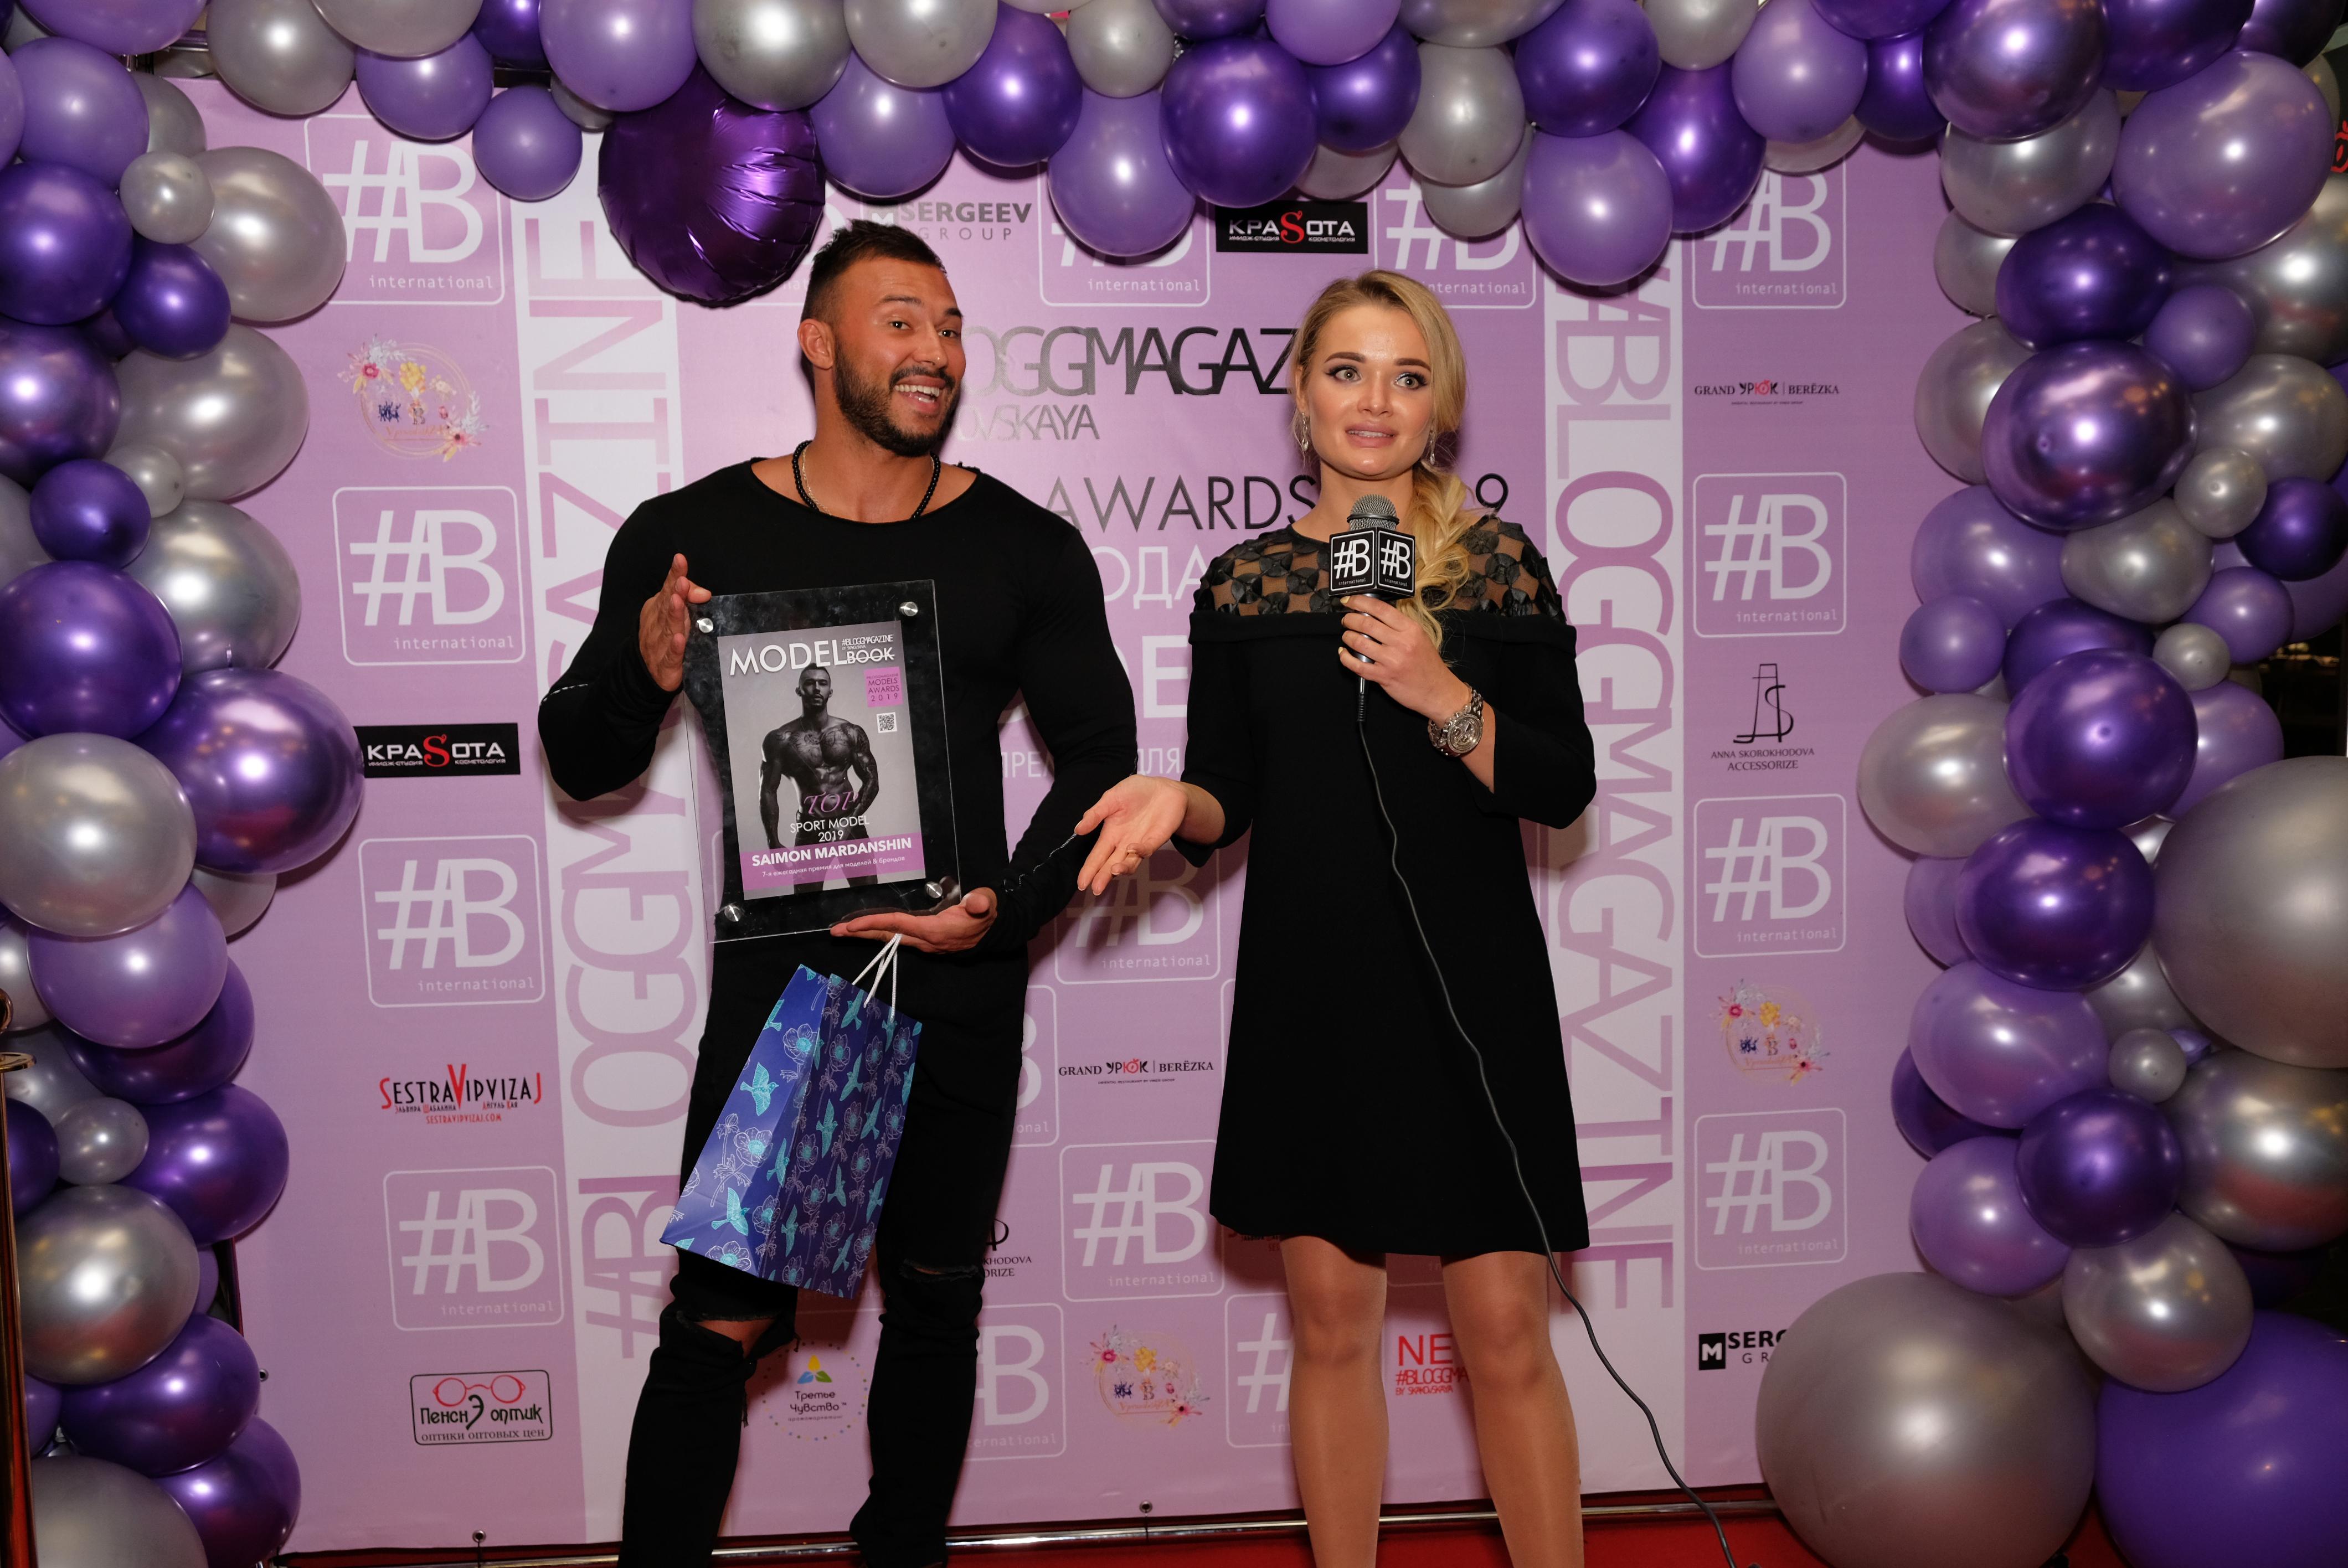 bloggmagazine_models_awards2019_5